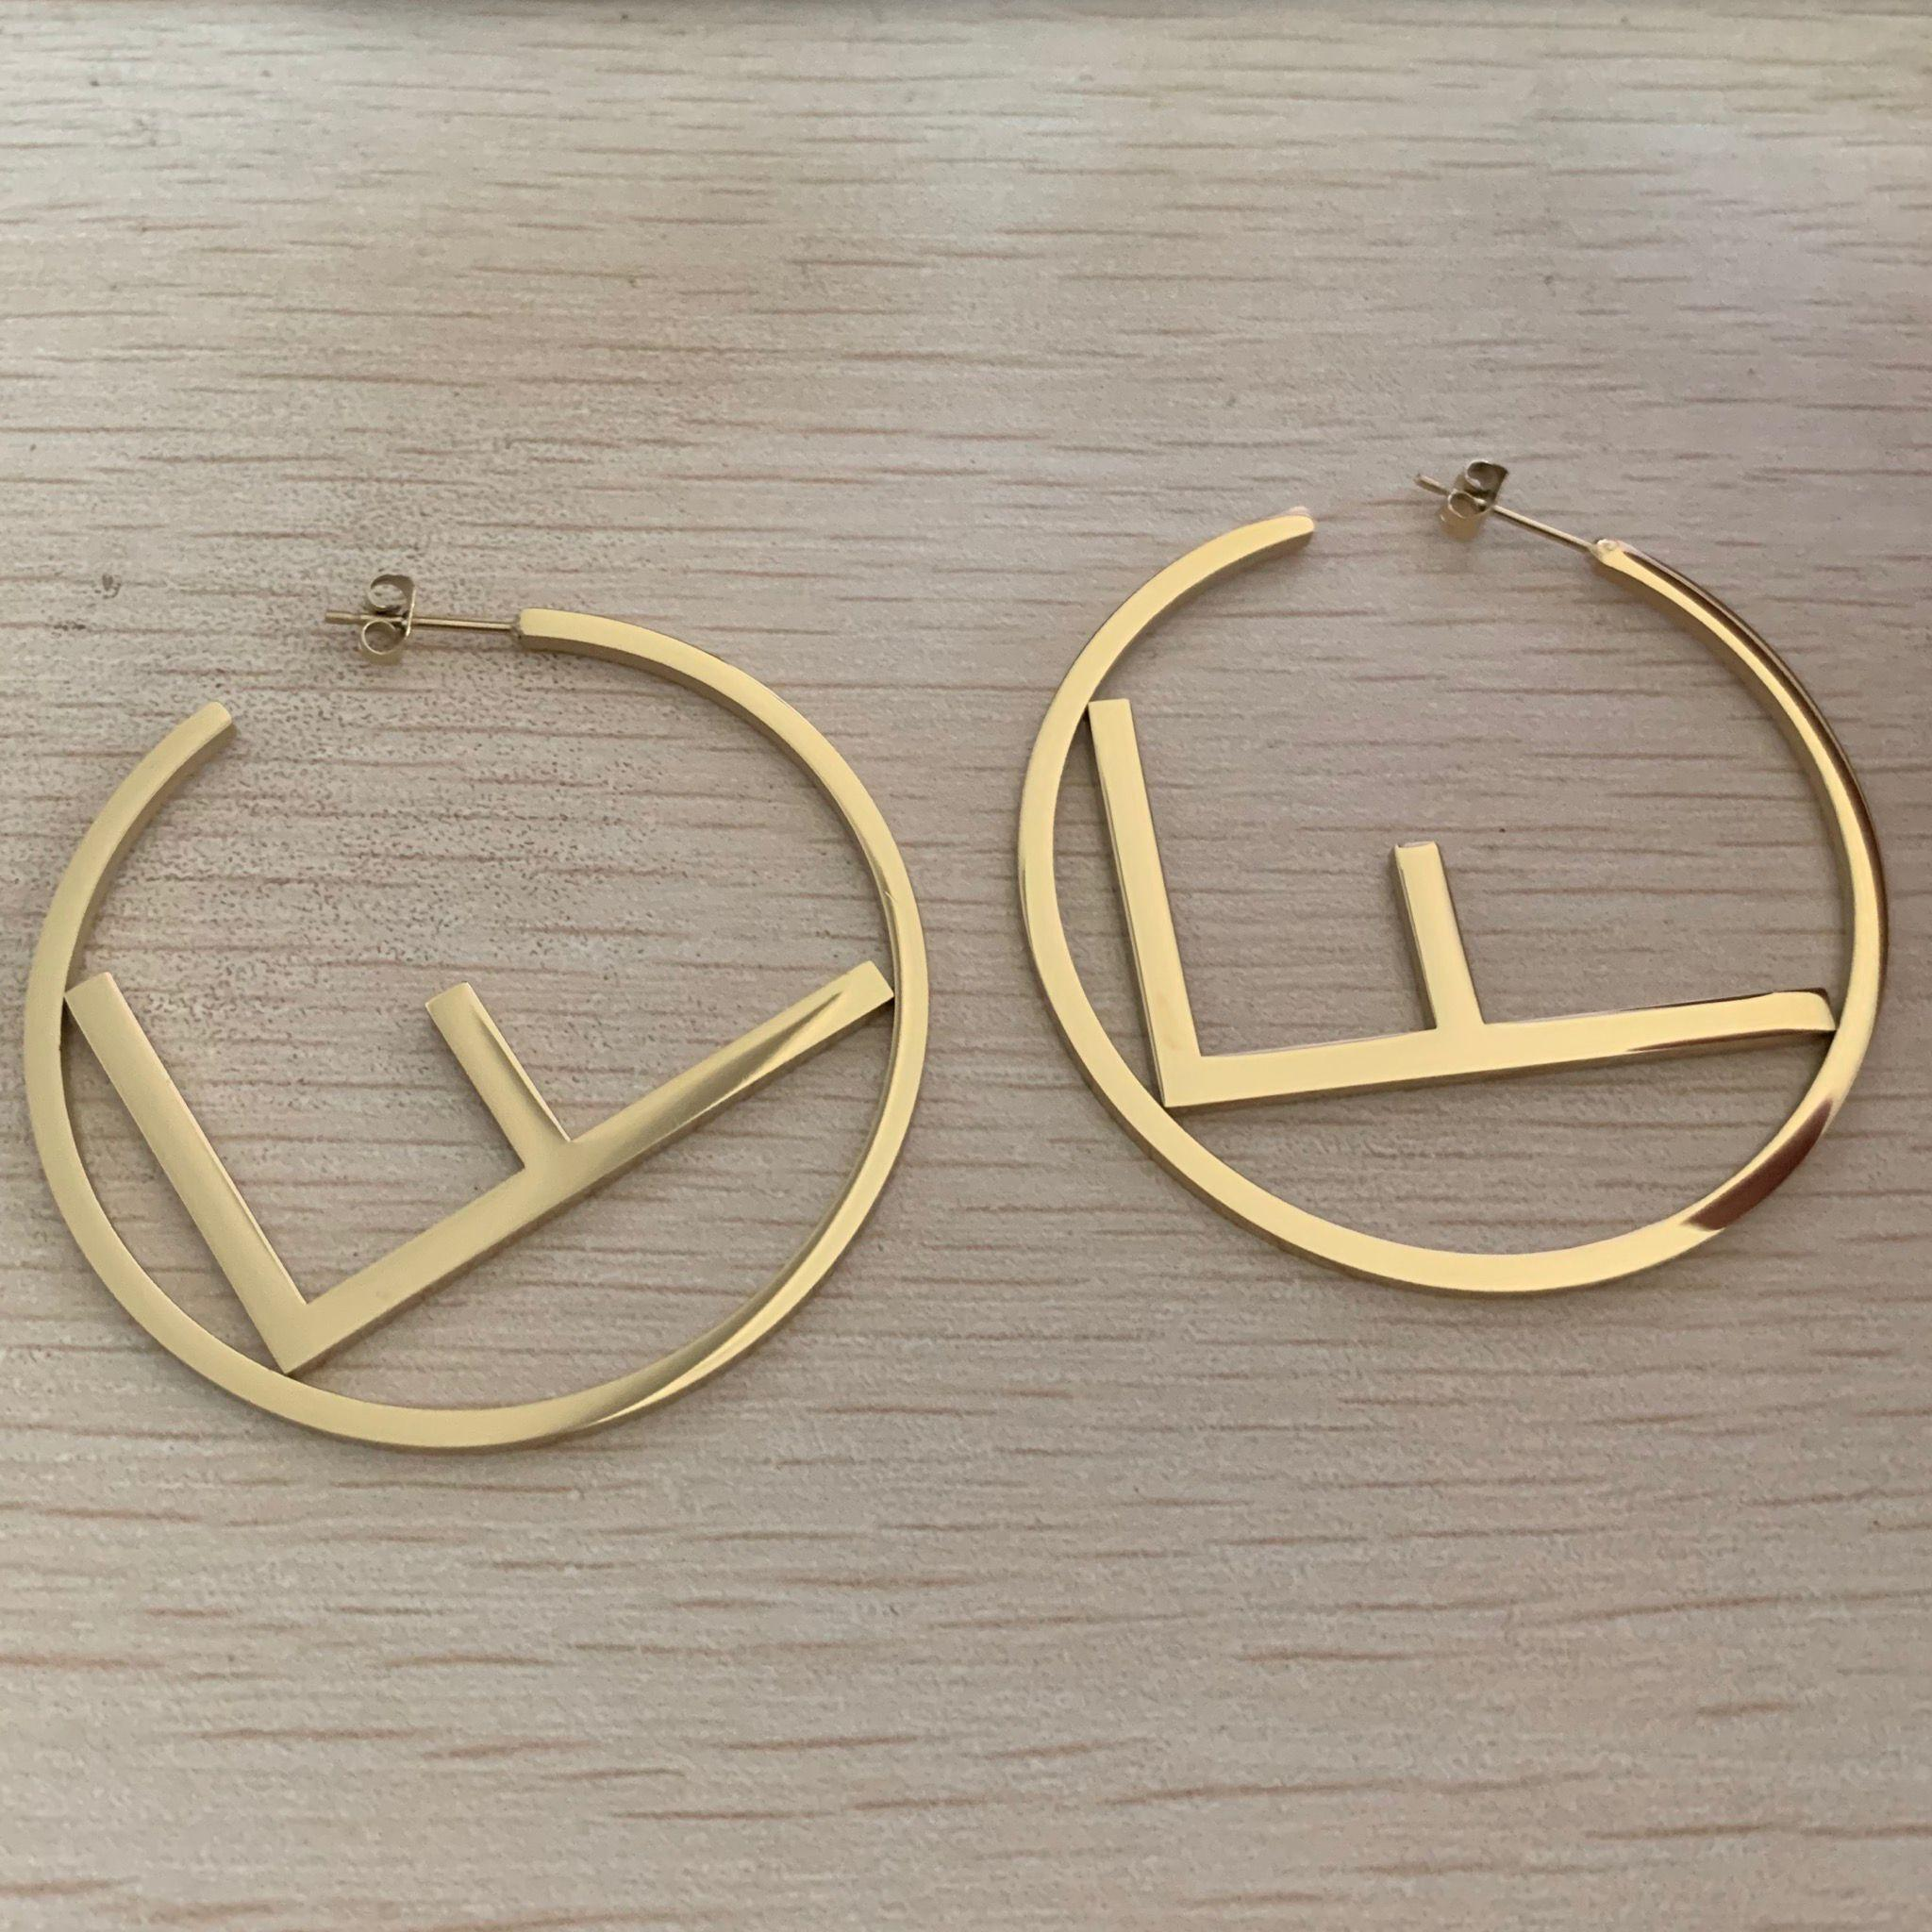 2020 Alta Qualidade Estilo De Moda Design De Jóias Selo De Aço Inoxidável Rosa Gold Banhado Brincos Para As Mulheres Partido Presentes Atacado Preço